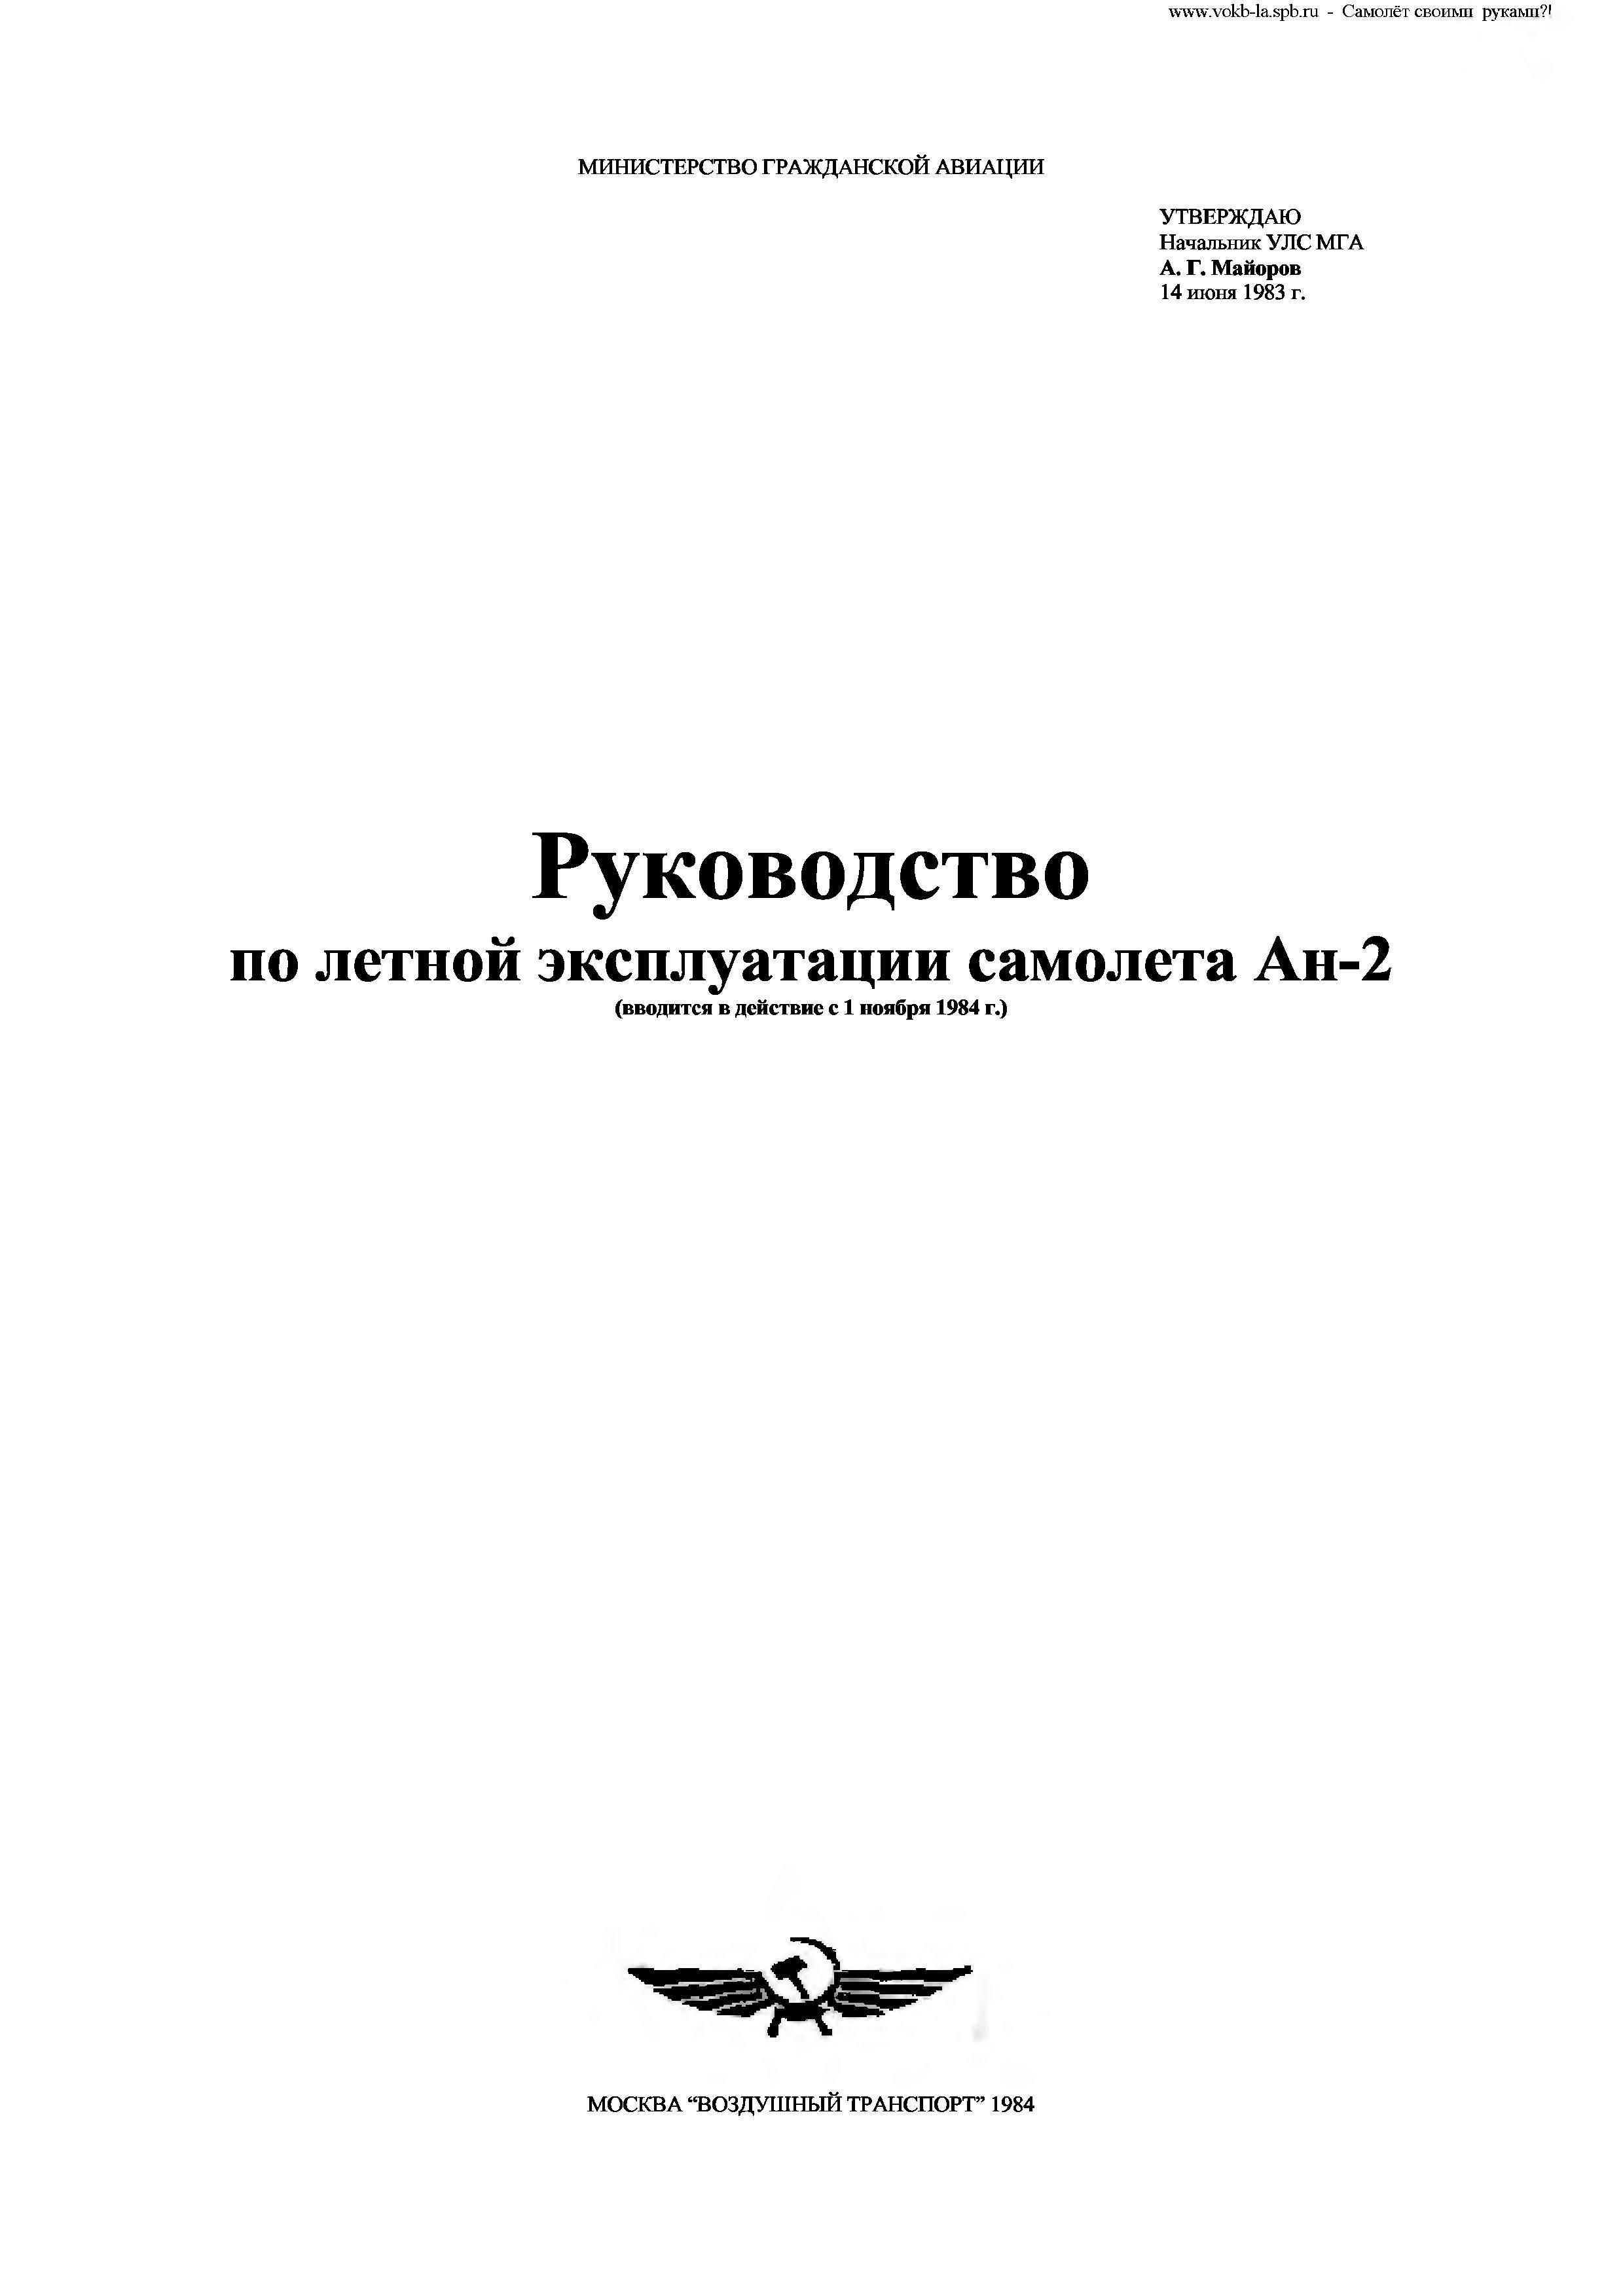 Руководство по летной эксплуатации самолета Ан-2